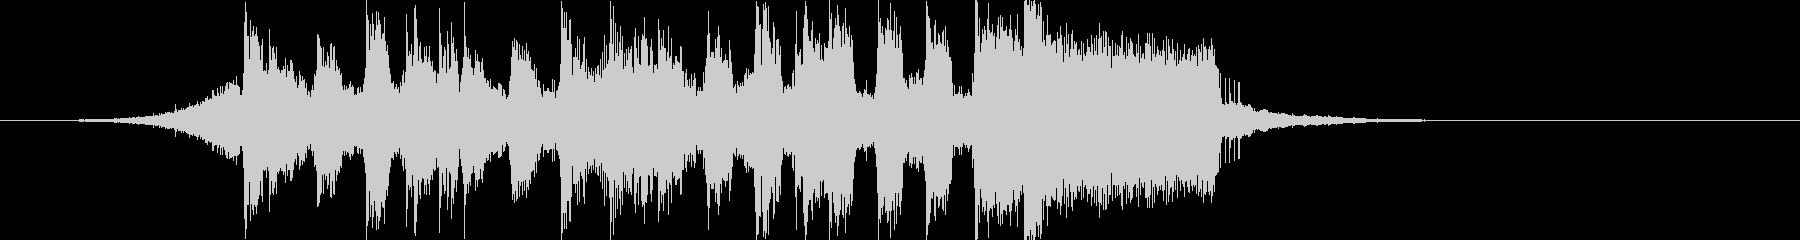 軽快ポップちょいロック4つ打ちジングルaの未再生の波形